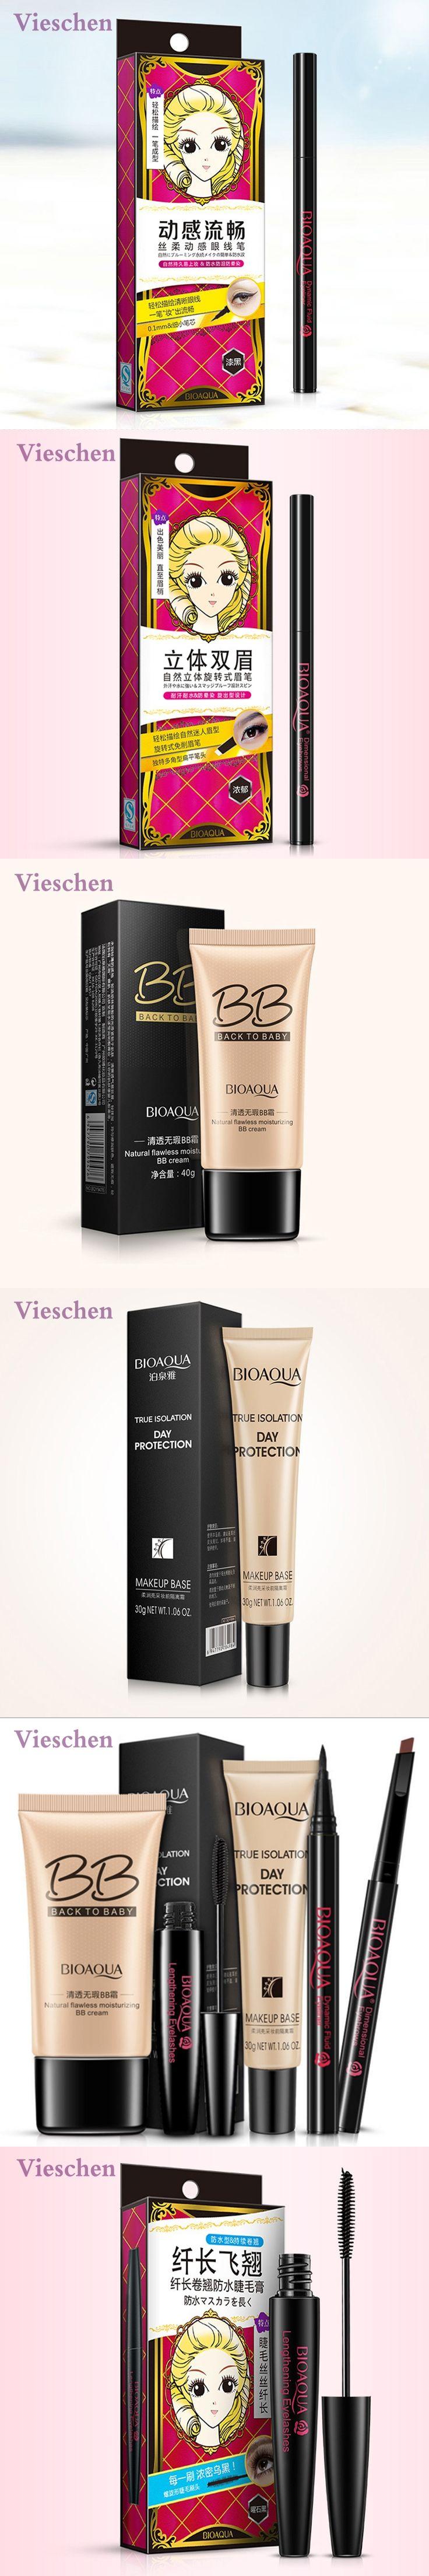 Vieschen 5 in 1 Makeup Set Make Up BB cream Mascara Makeup Base Eyebrow Pencil Eyeliner for Beginners